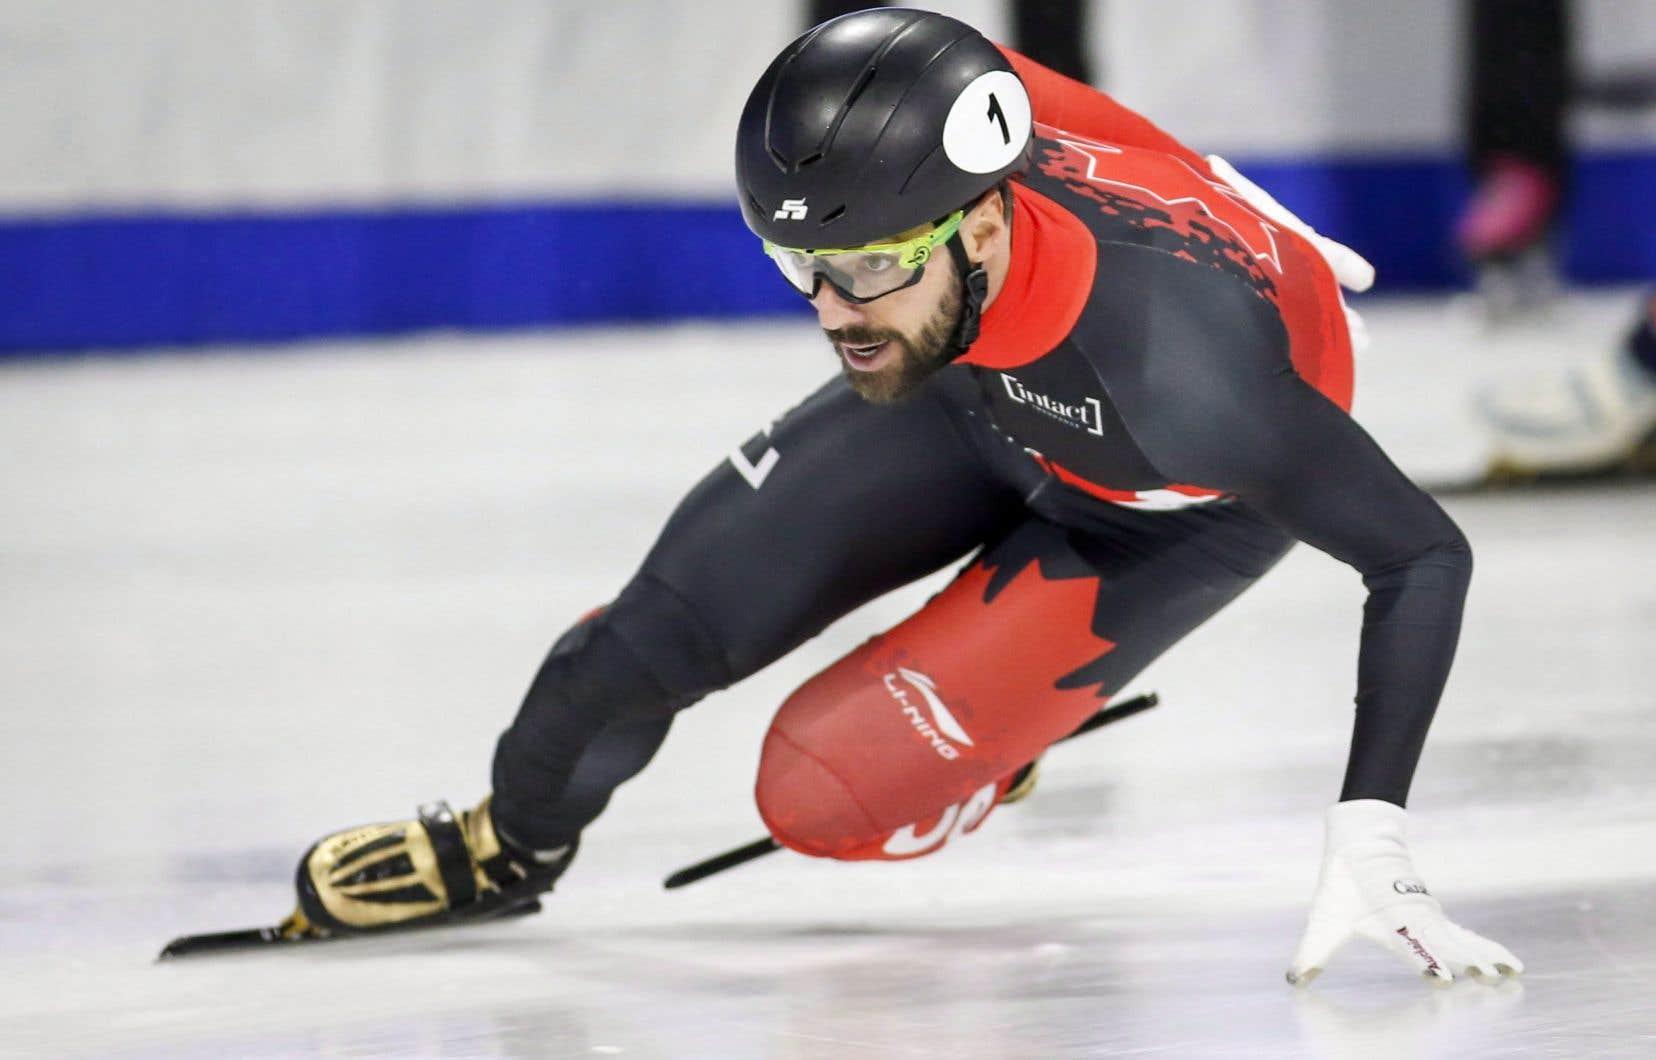 Menés par le vétéran Charles Hamelin, la plupart des patineurs du pays se sont qualifiés pour les tours éliminatoires qui seront présentés samedi.